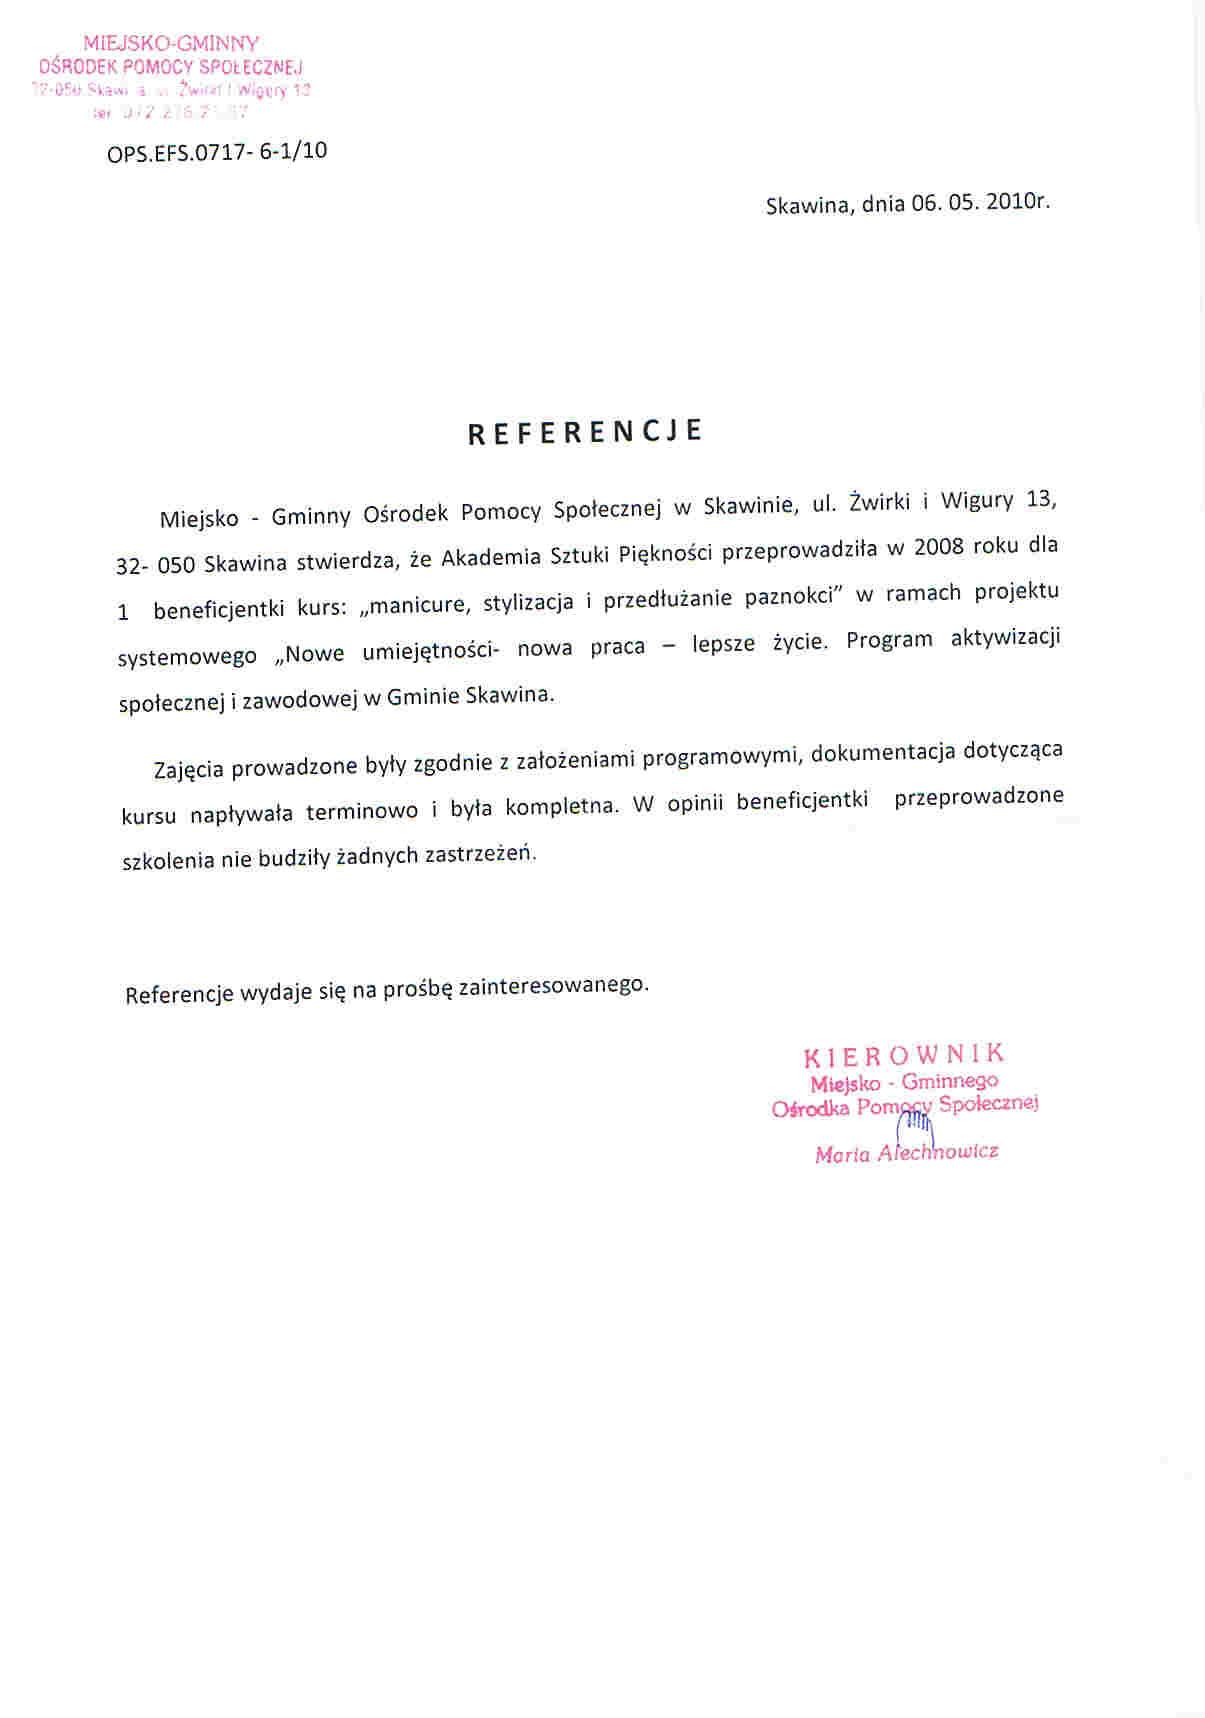 Miejsko Gminny Ośrodek Pomocy Społecznej w Skawinie-Skawina